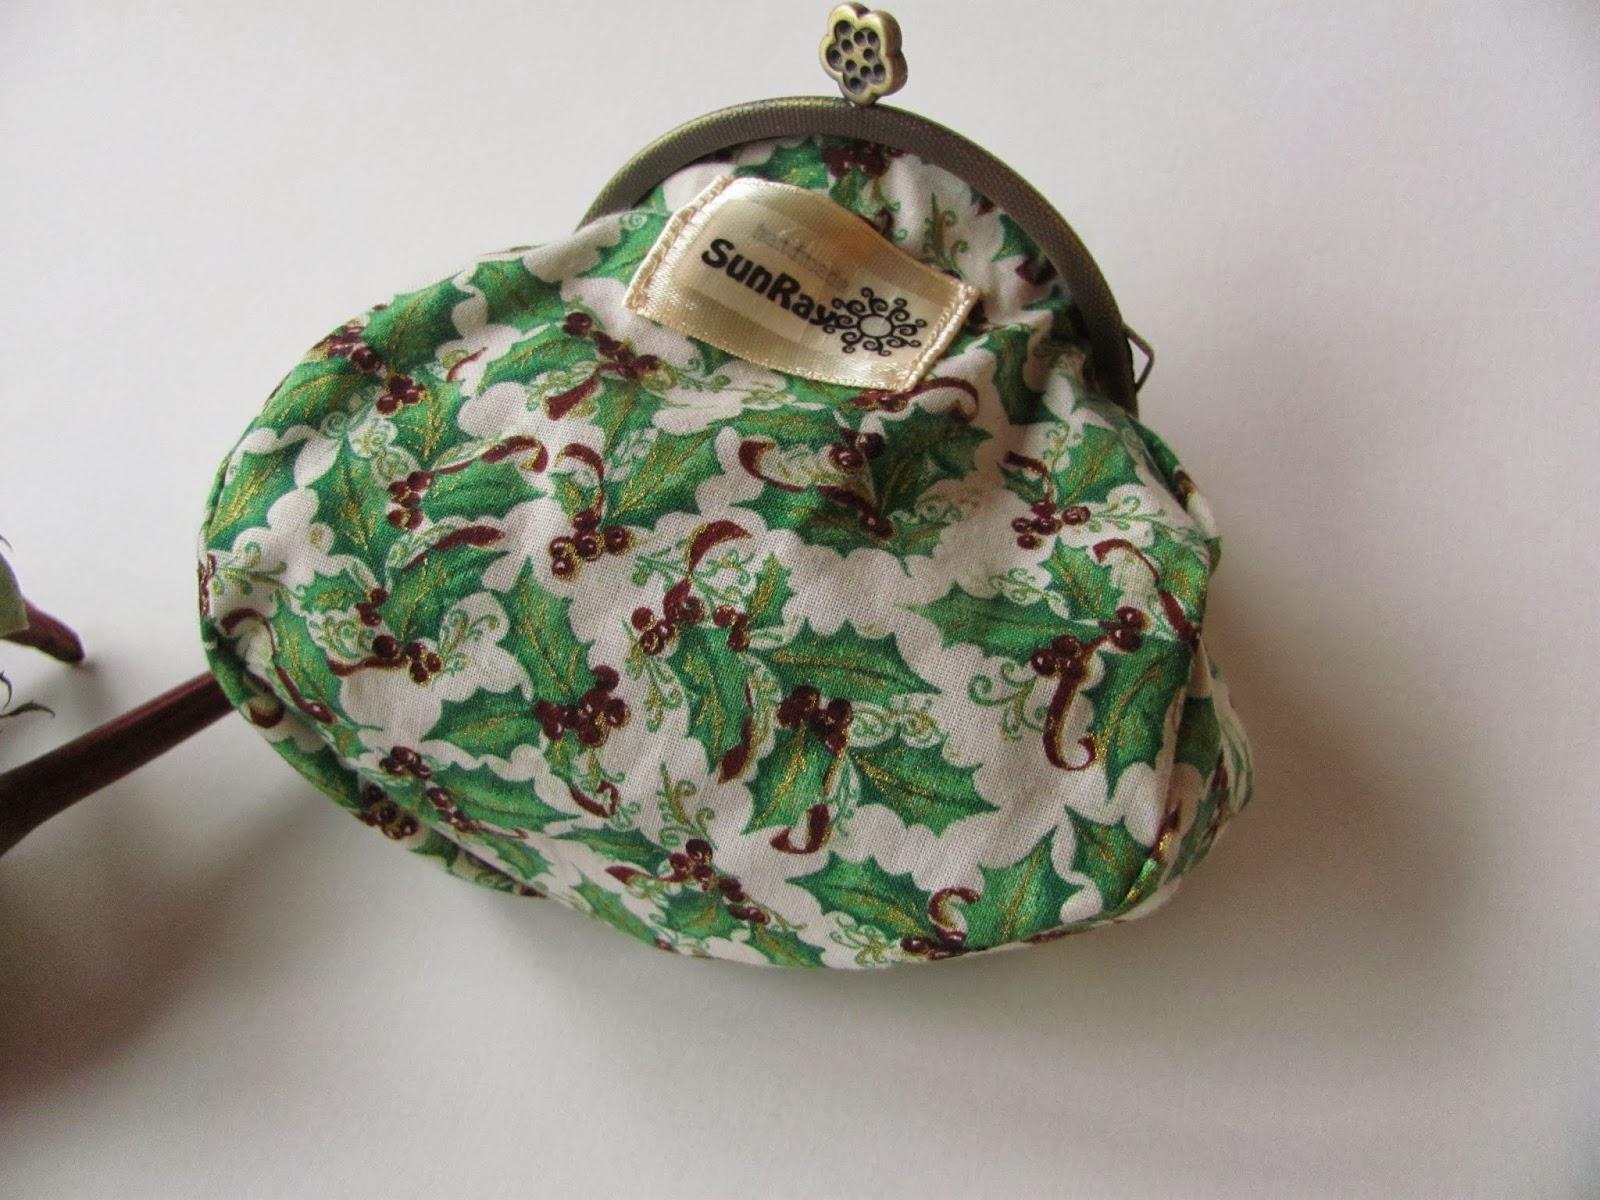 кошелек с фермуаром, кошелек, шитье кошельков, пошив кошелька, кошелечек, красивый кошелек, кошелек купить